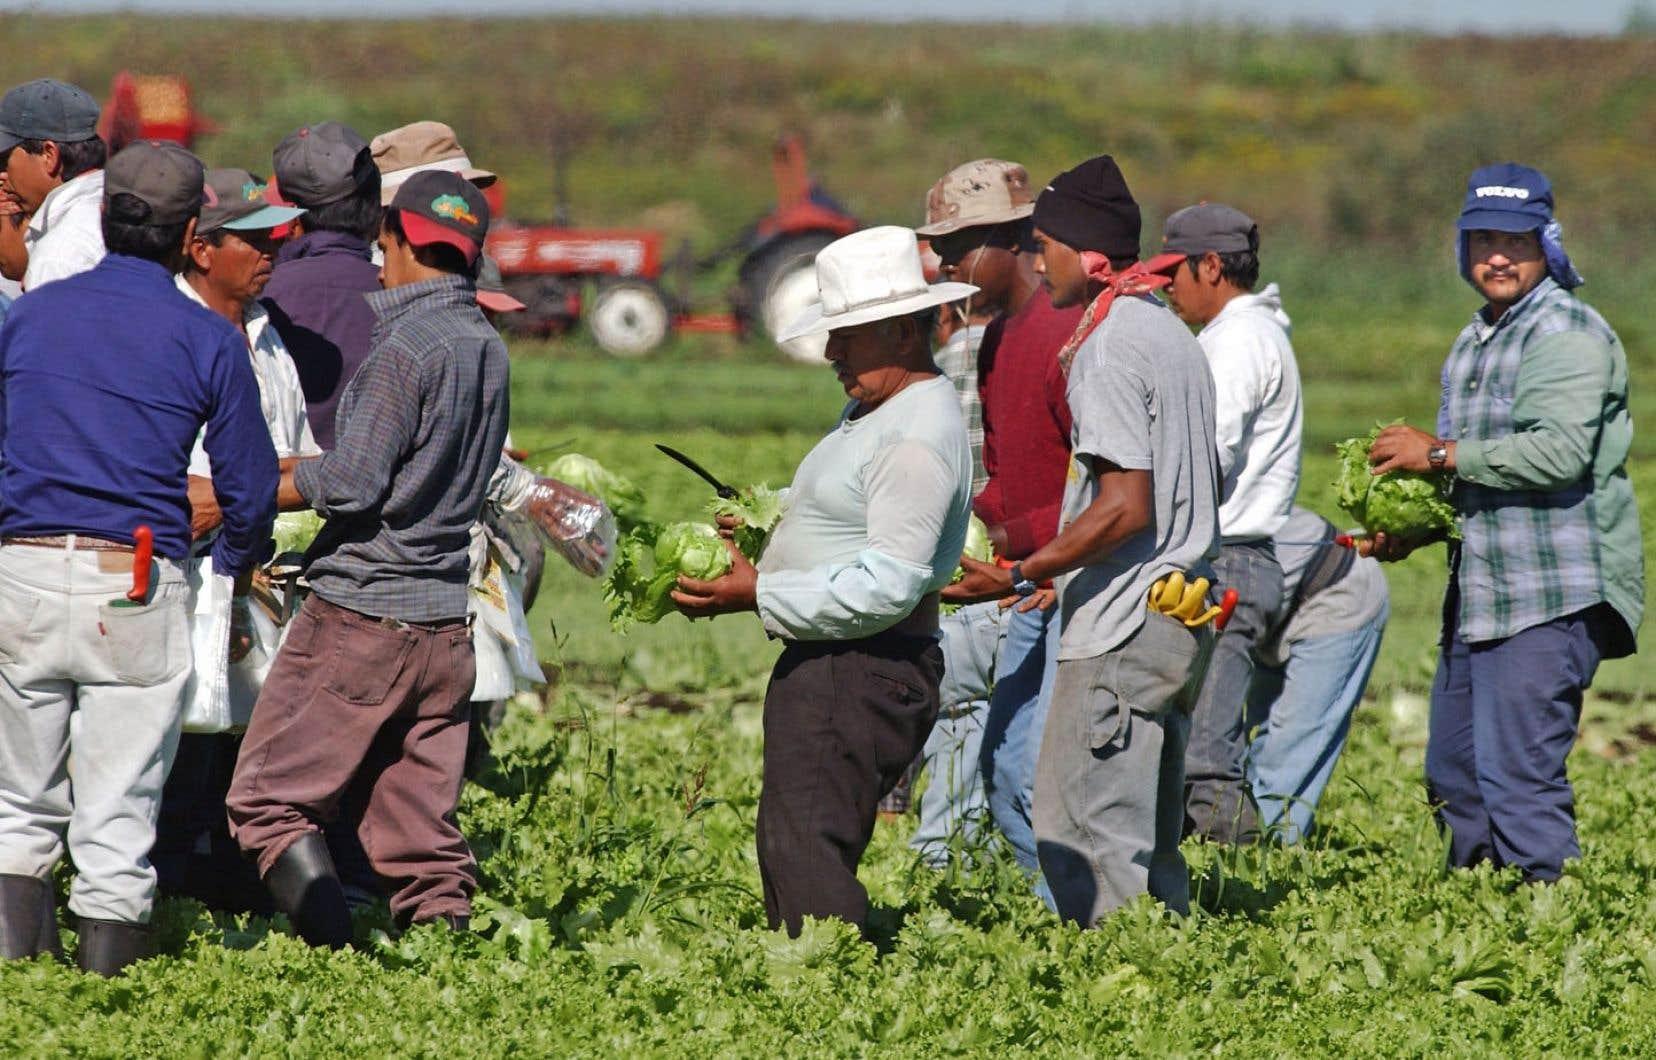 L'accord entre le Canada et le Québec sur les travailleurs étrangers temporaires prévoit des discussions, mais sur de simples détails techniques.